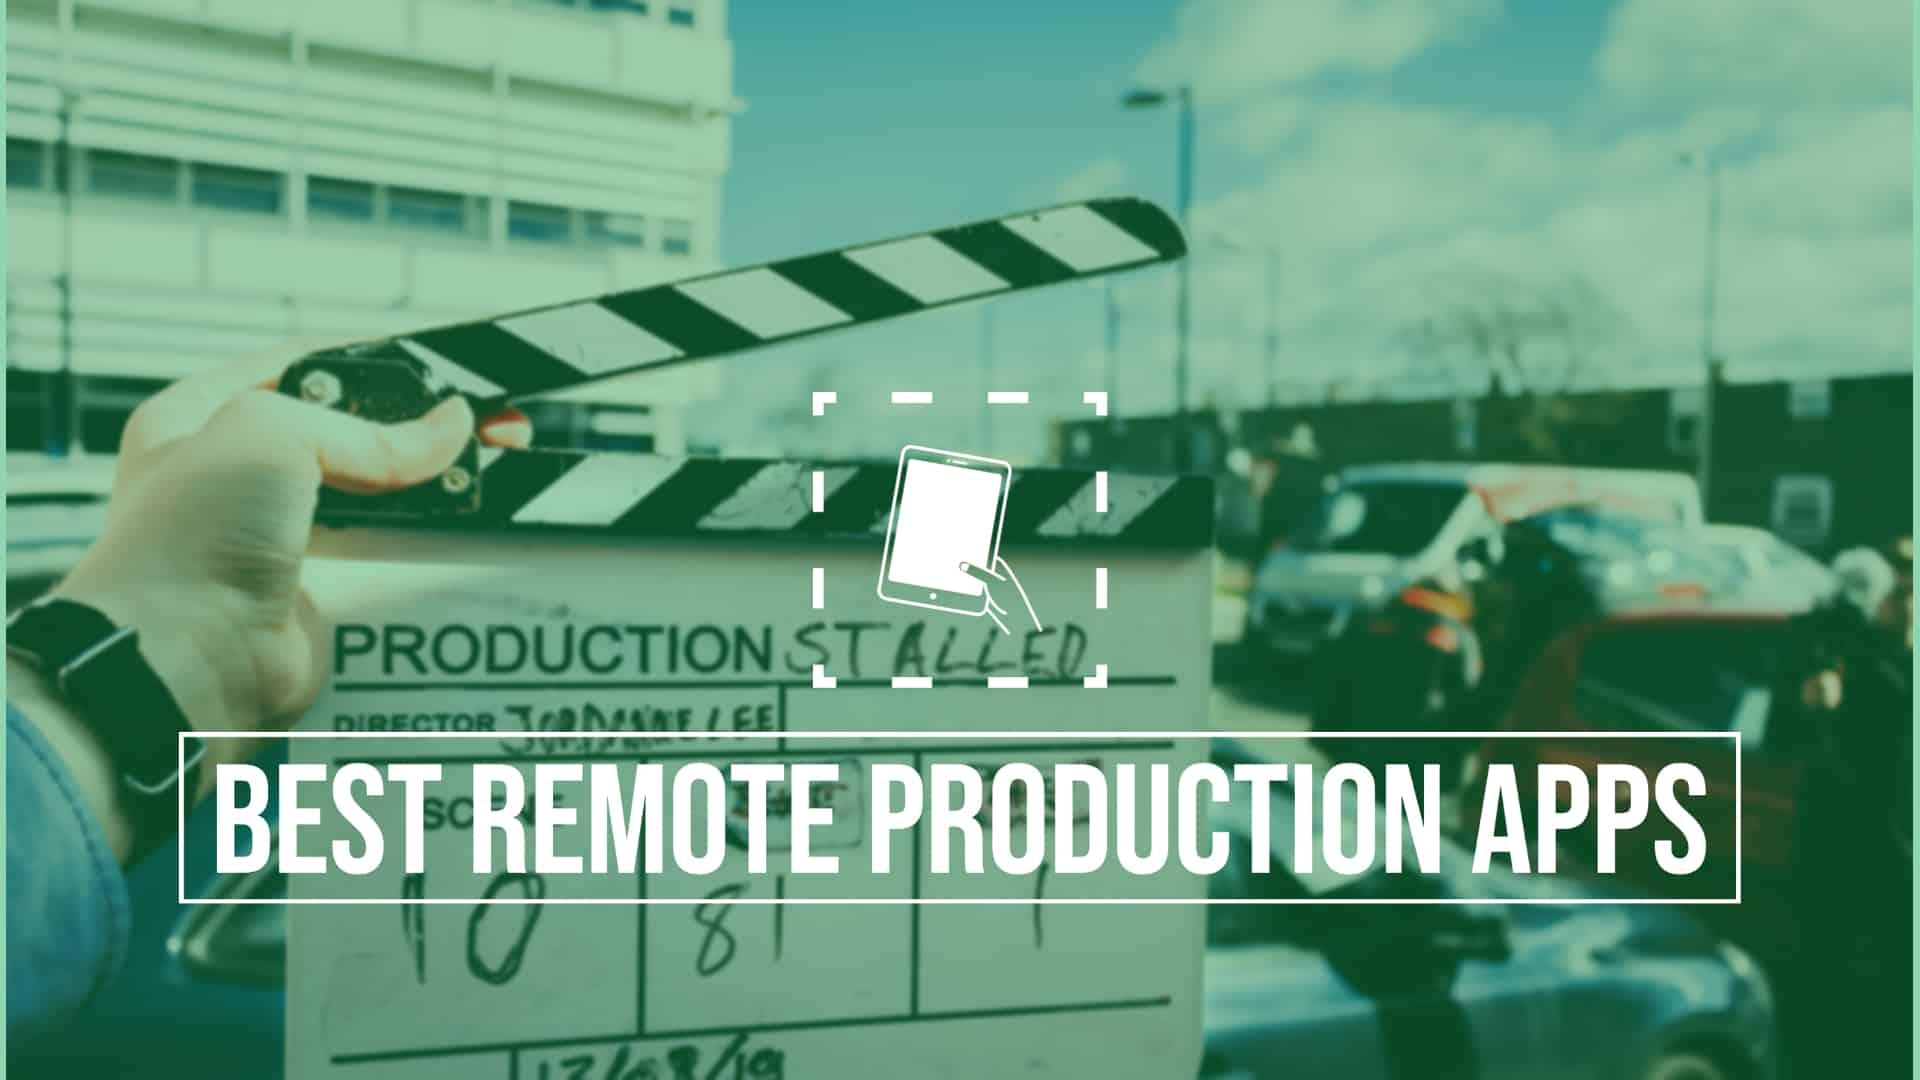 Covid Remote Production Apps Scriptation